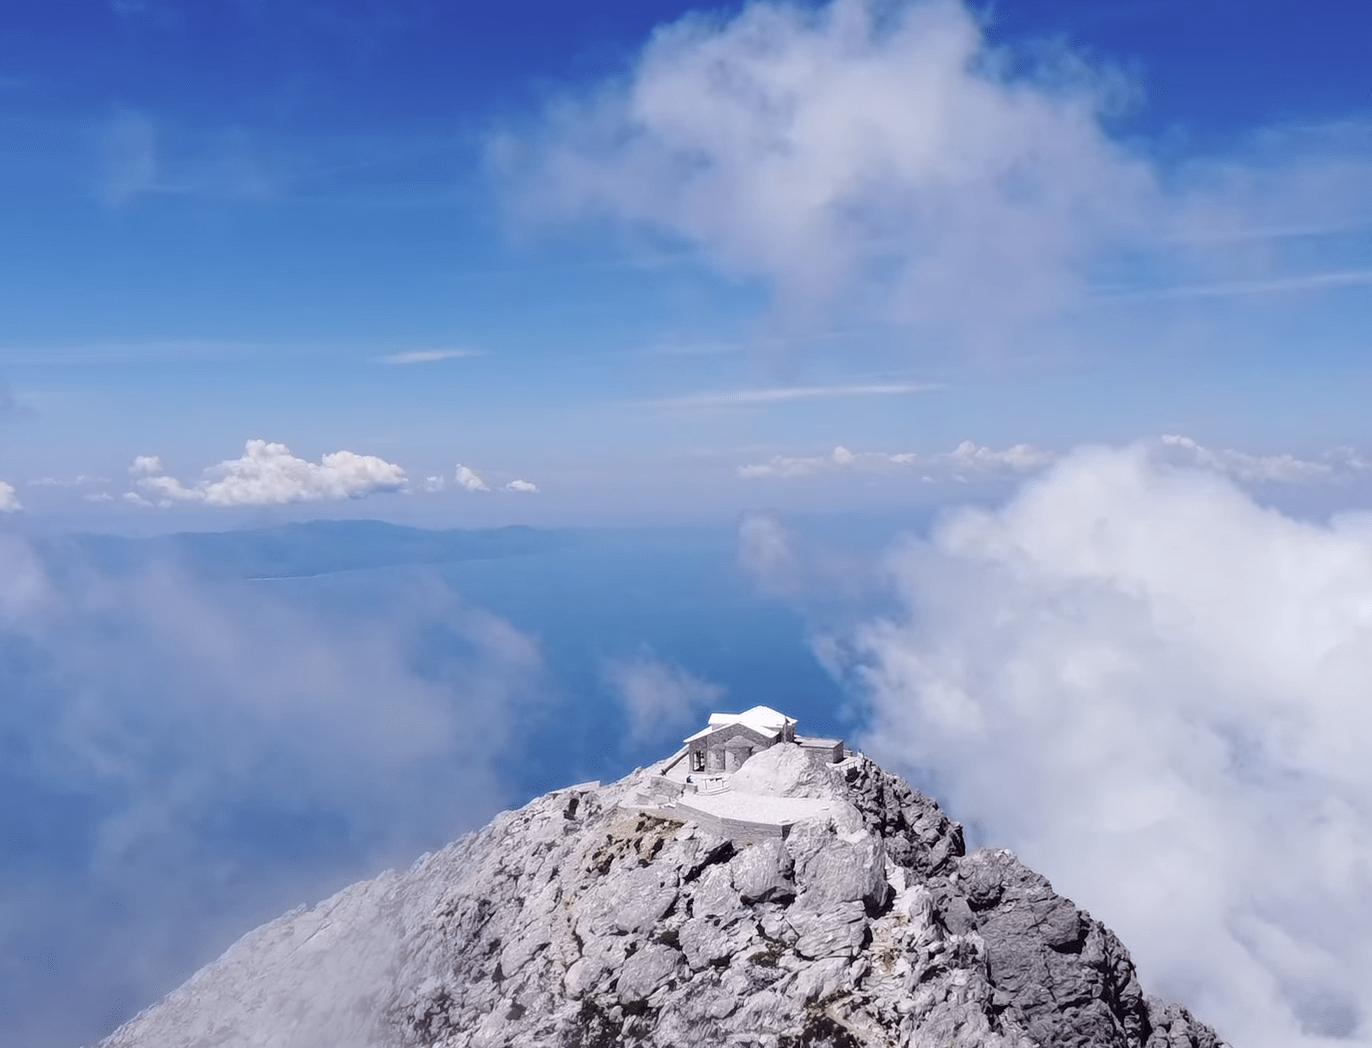 """""""Αγία Κορυφή"""". Εντυπωσιακά πλάνα από το ψηλότερο σημείο του Άγιου Όρους. Η δύσκολη ανάβαση στα 2.033 μέτρα και το ιστορικό εκκλησάκι"""